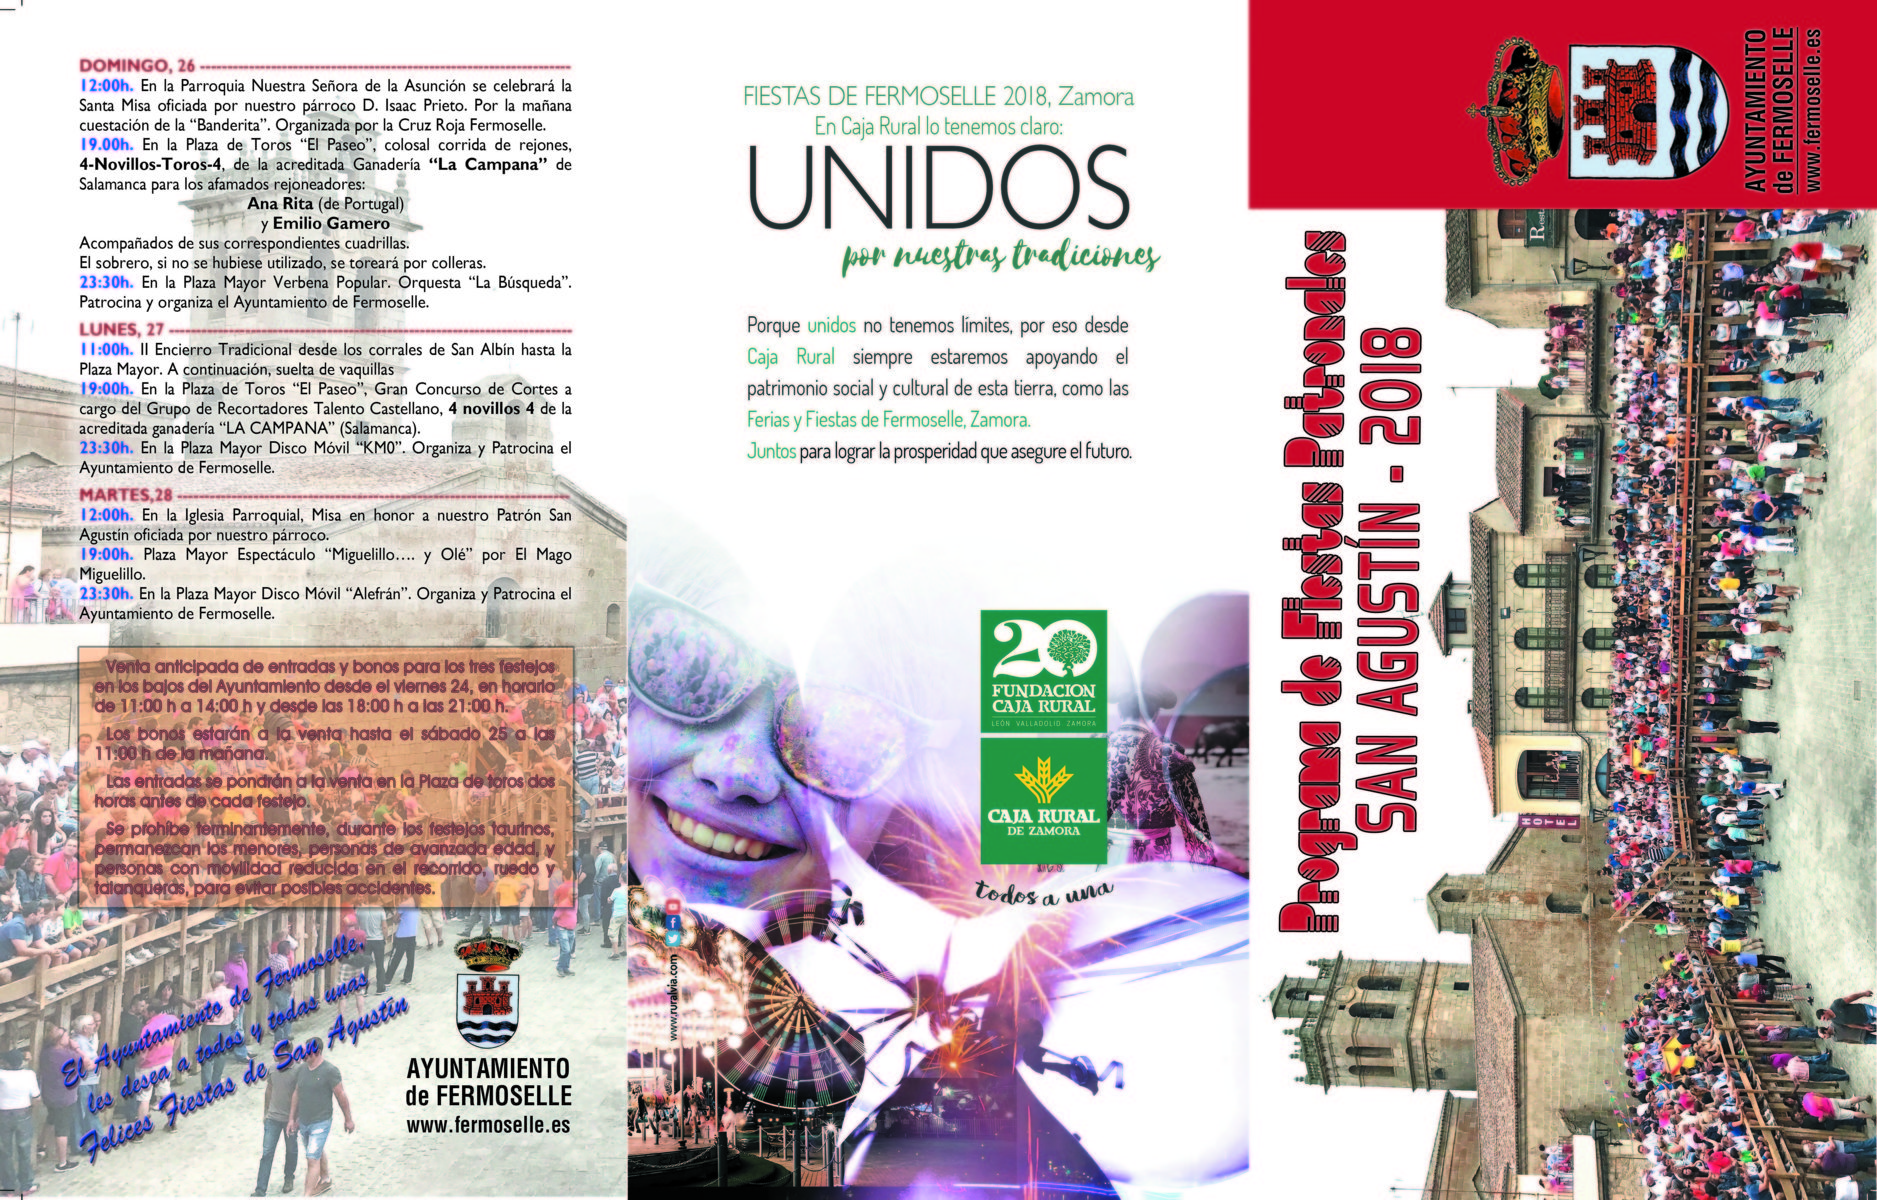 Fiestas en honor a San Agustín 2018 - Fermoselle 2